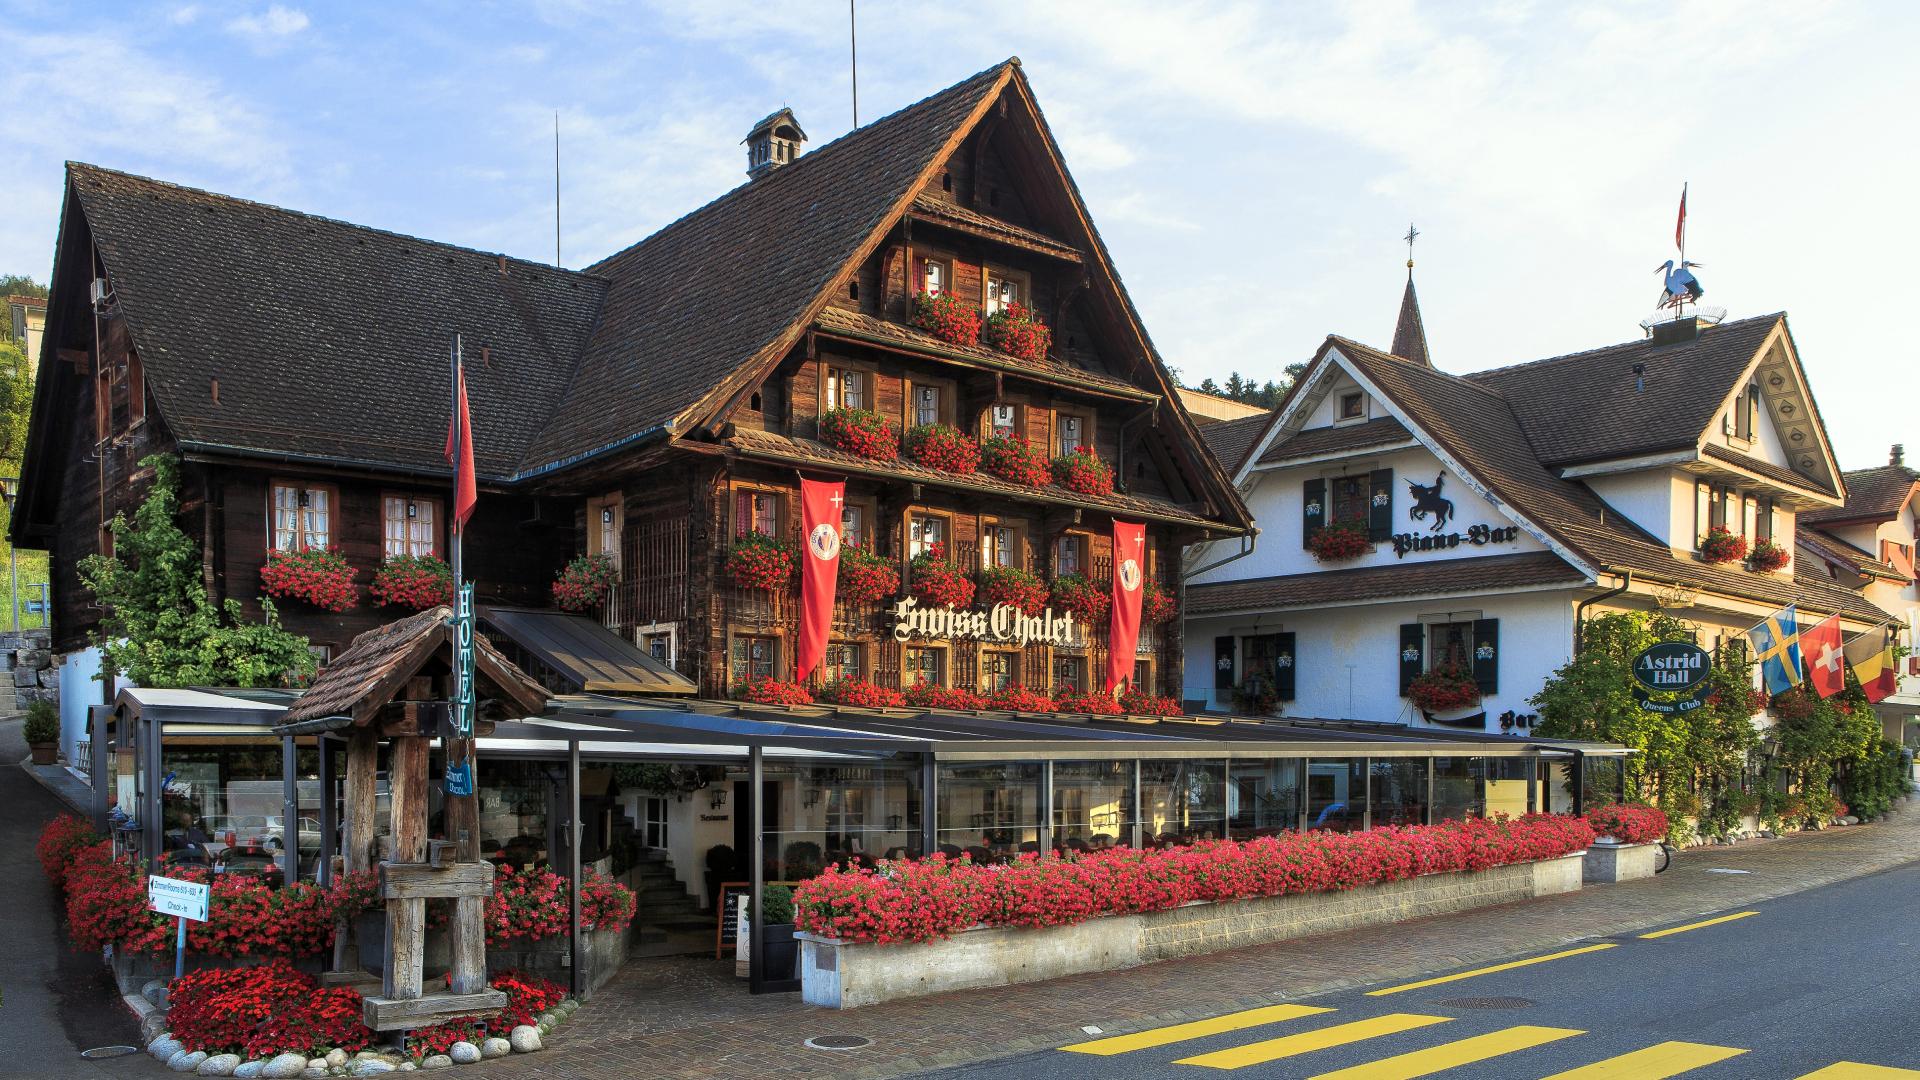 Chalet-Hotel Lodge im Swiss-Chalet Merlischachen Ansicht von der anderen Strassenseite morgens